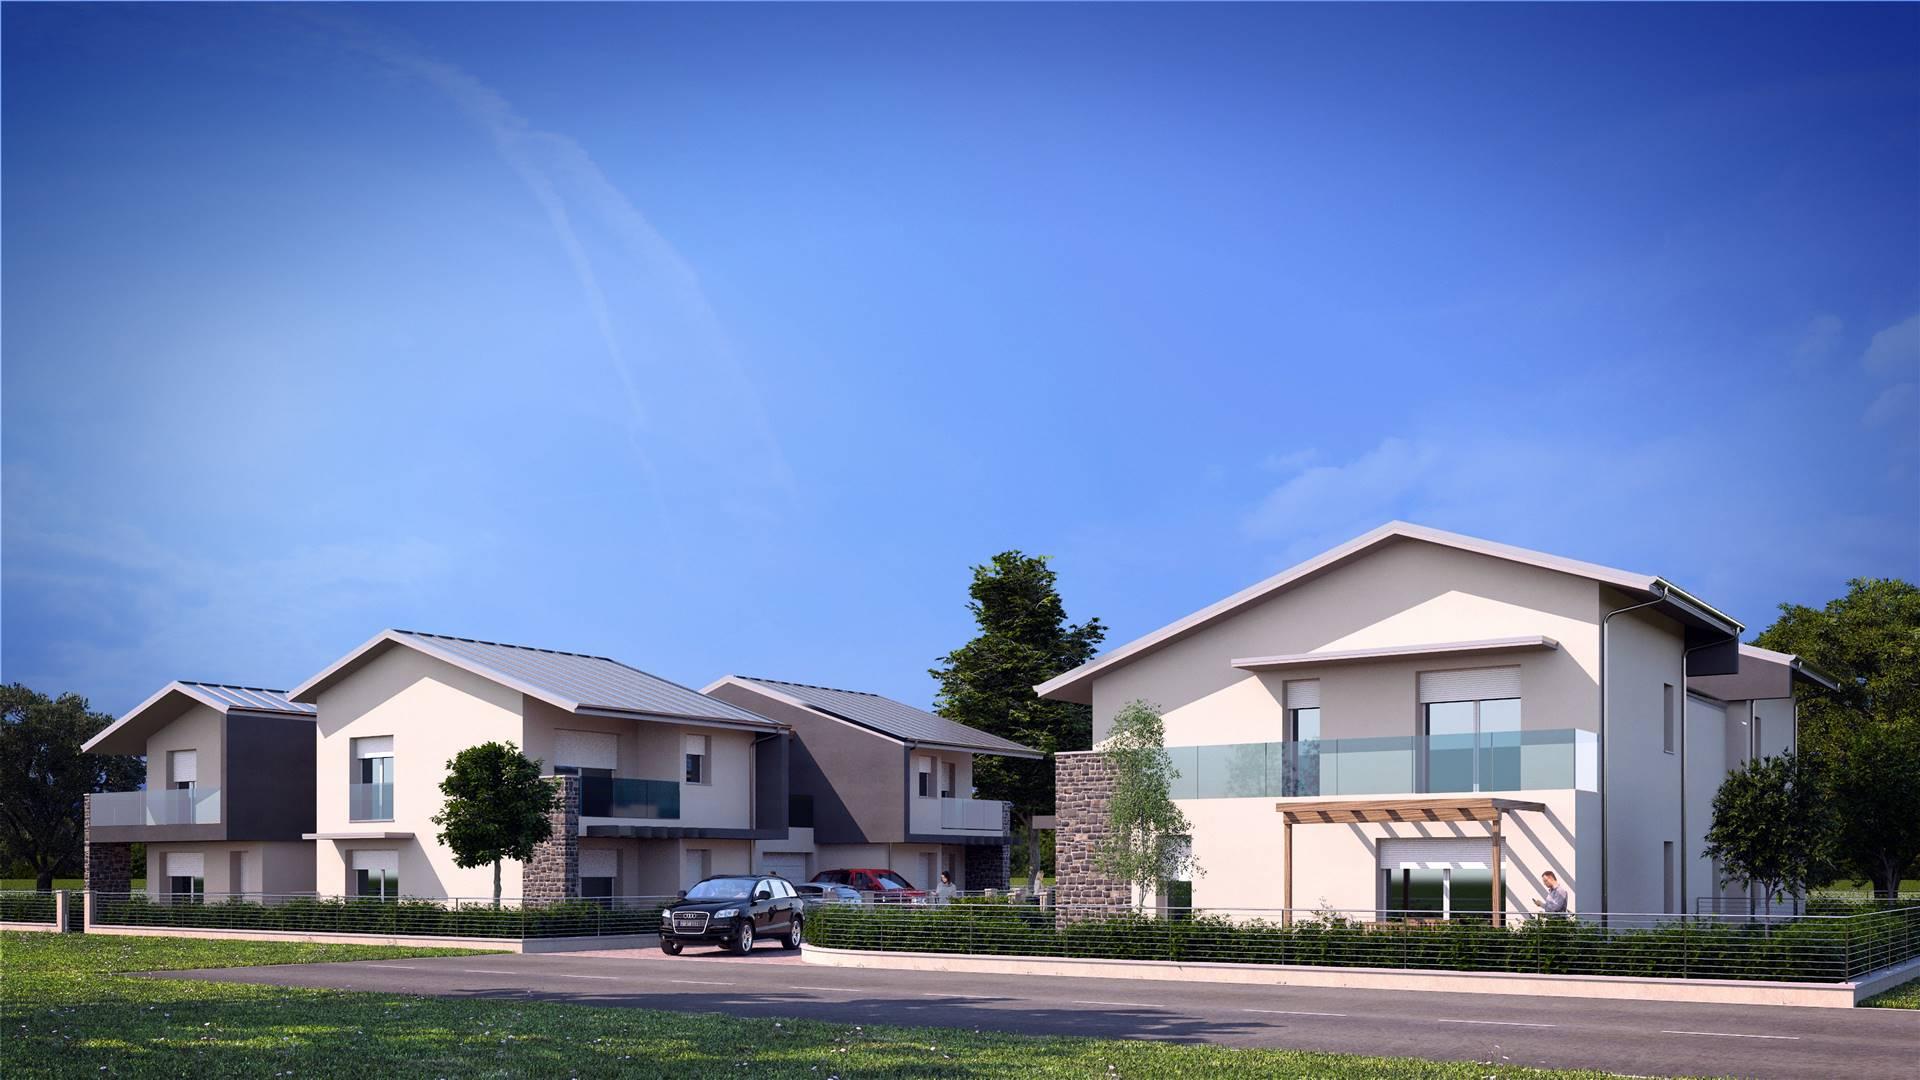 Villa a Schiera in vendita a Gatteo, 5 locali, zona Zona: Fiumicino, prezzo € 355.000 | CambioCasa.it